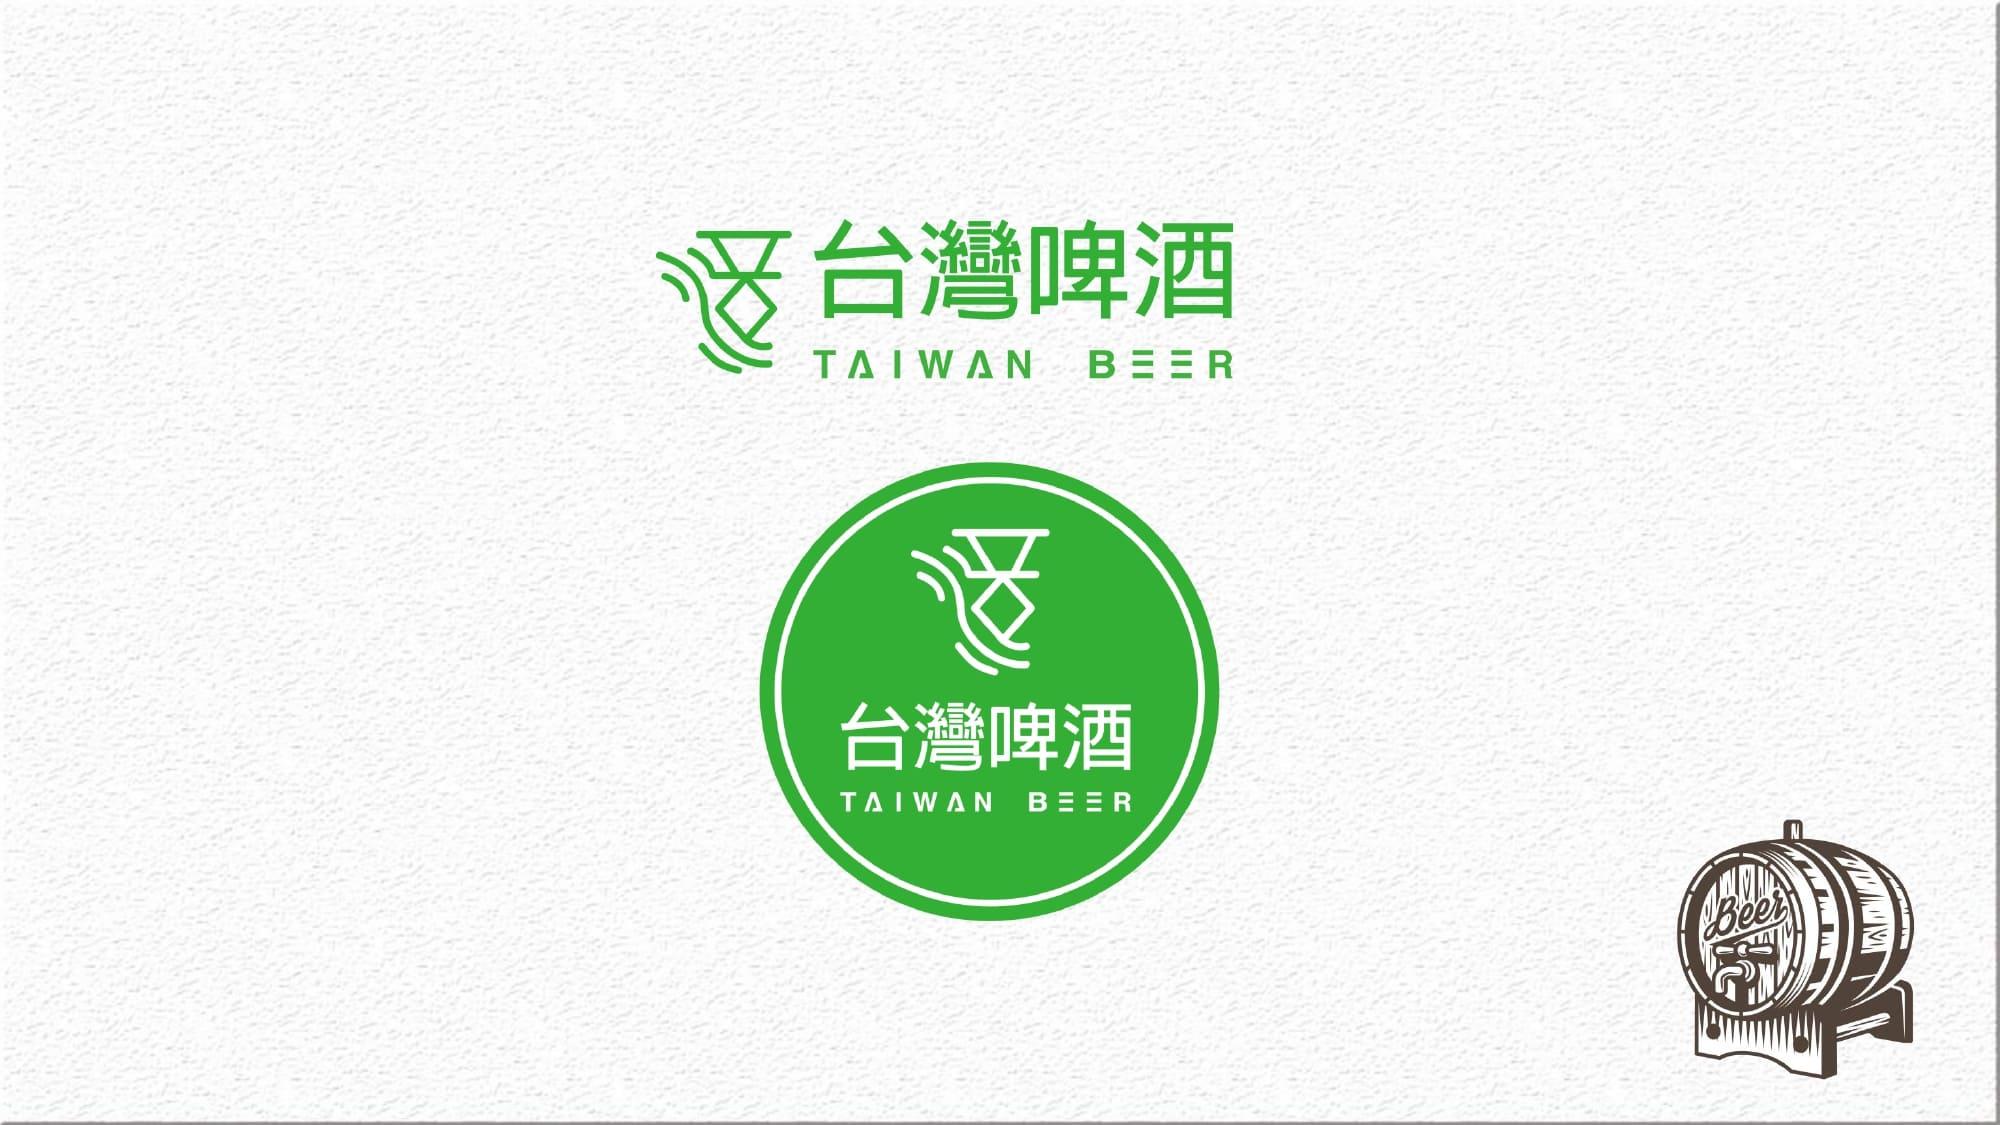 台灣啤酒108.4.23_page-0001